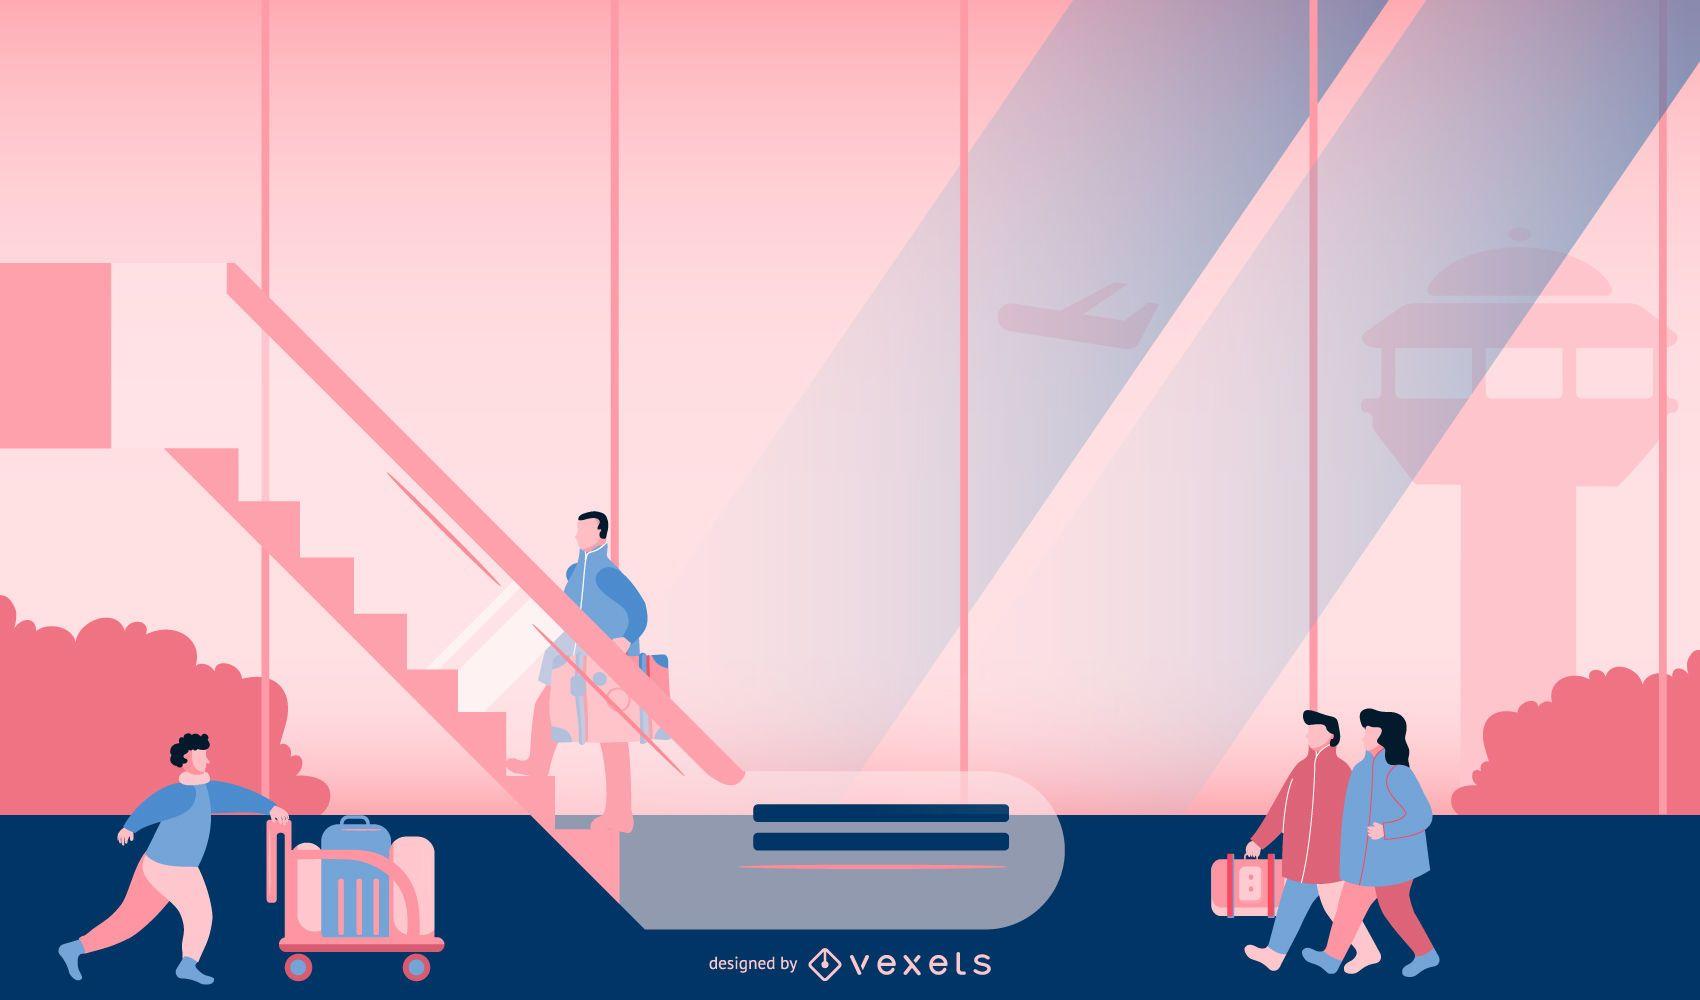 Airport Scene Illustration Design